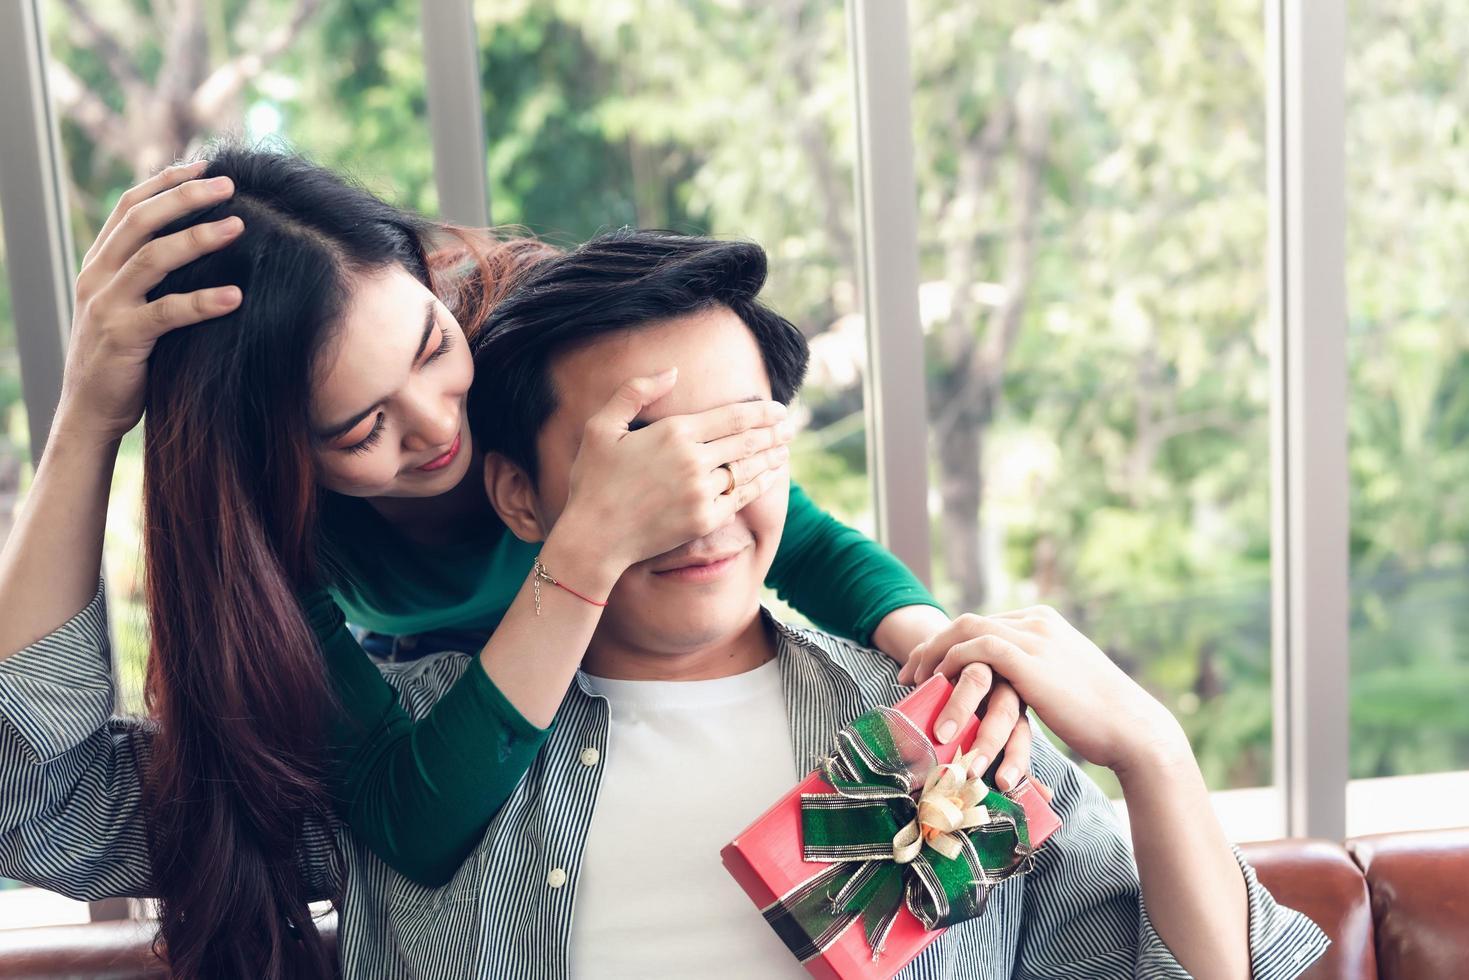 Frau überrascht Freund mit Geschenk für Valentinstag foto